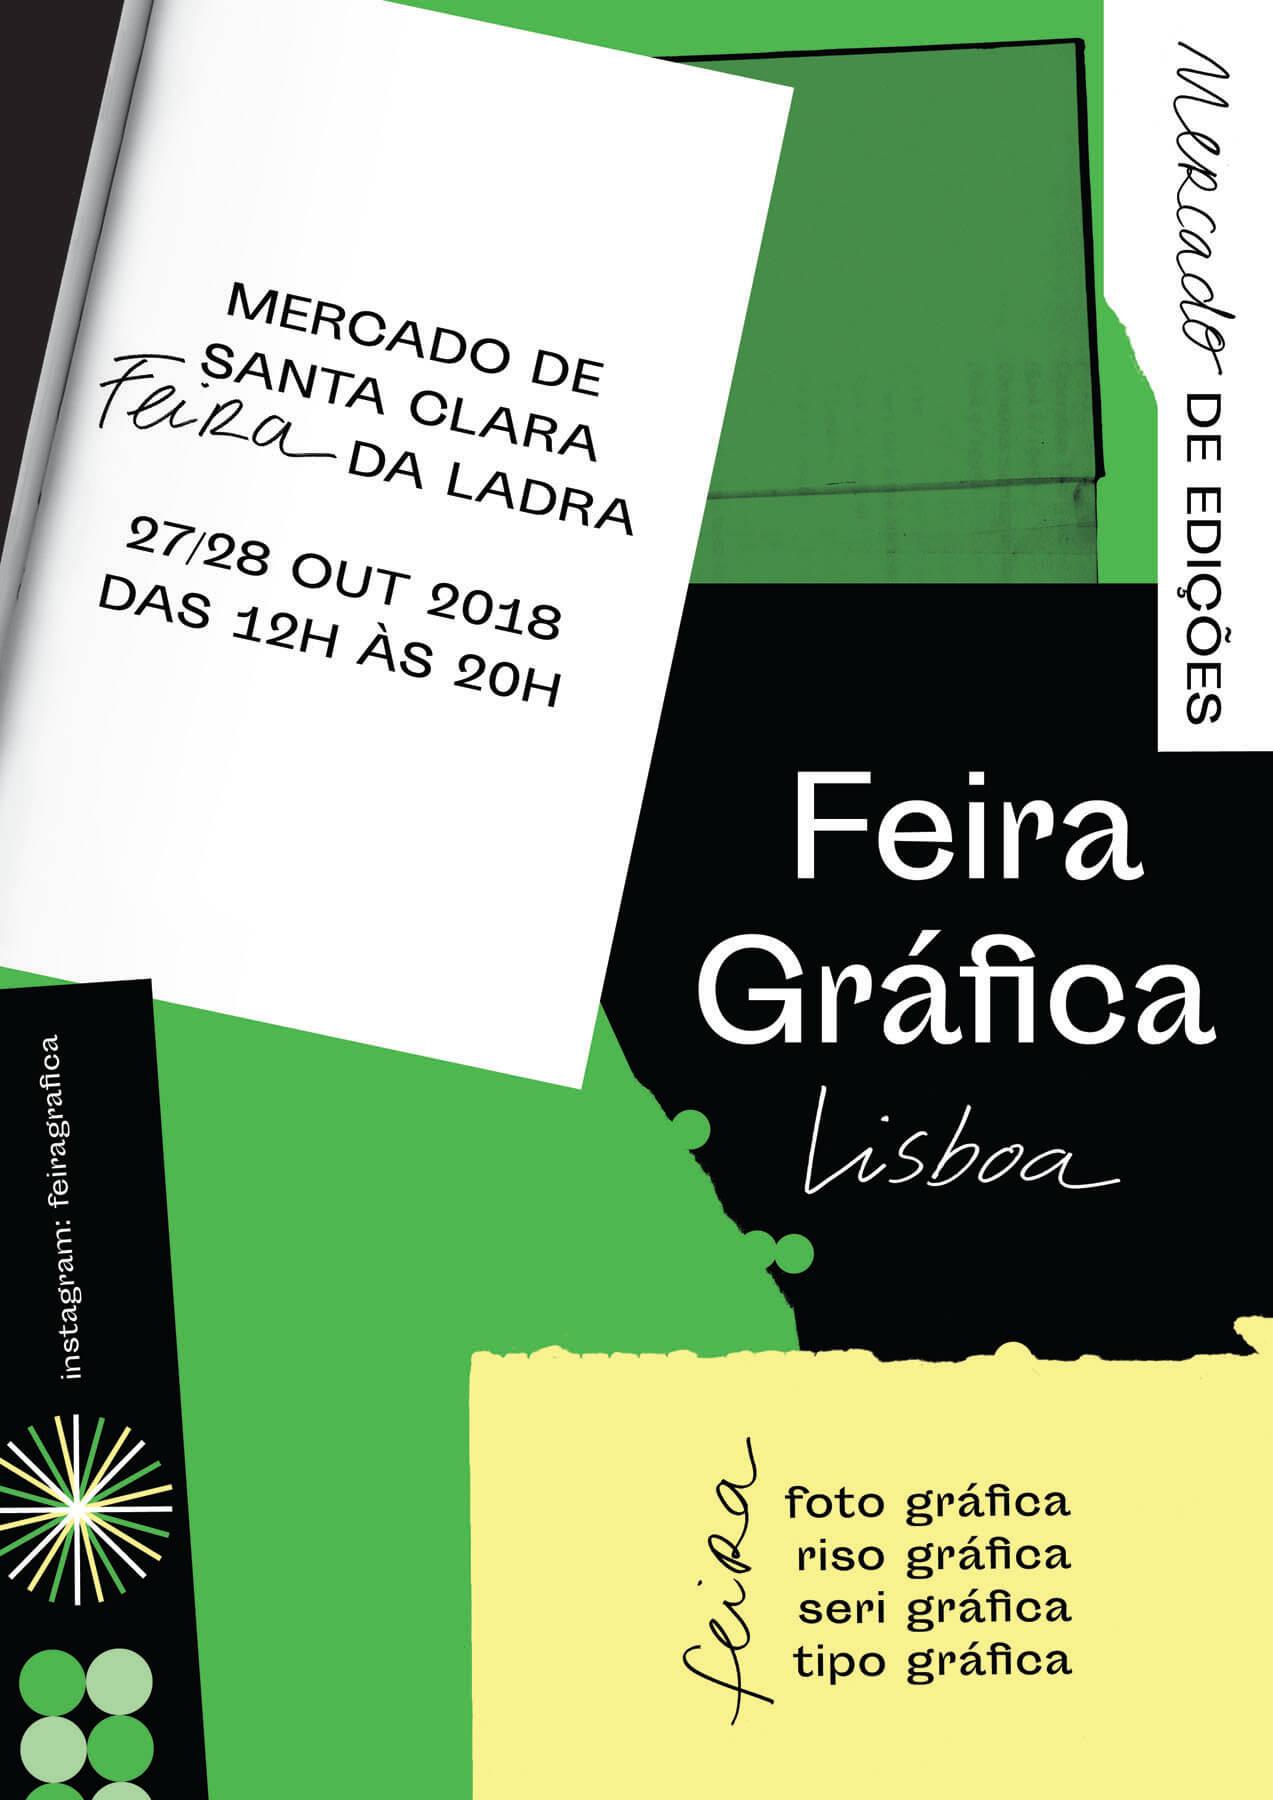 feira grafica 2018 isabel lucena 06